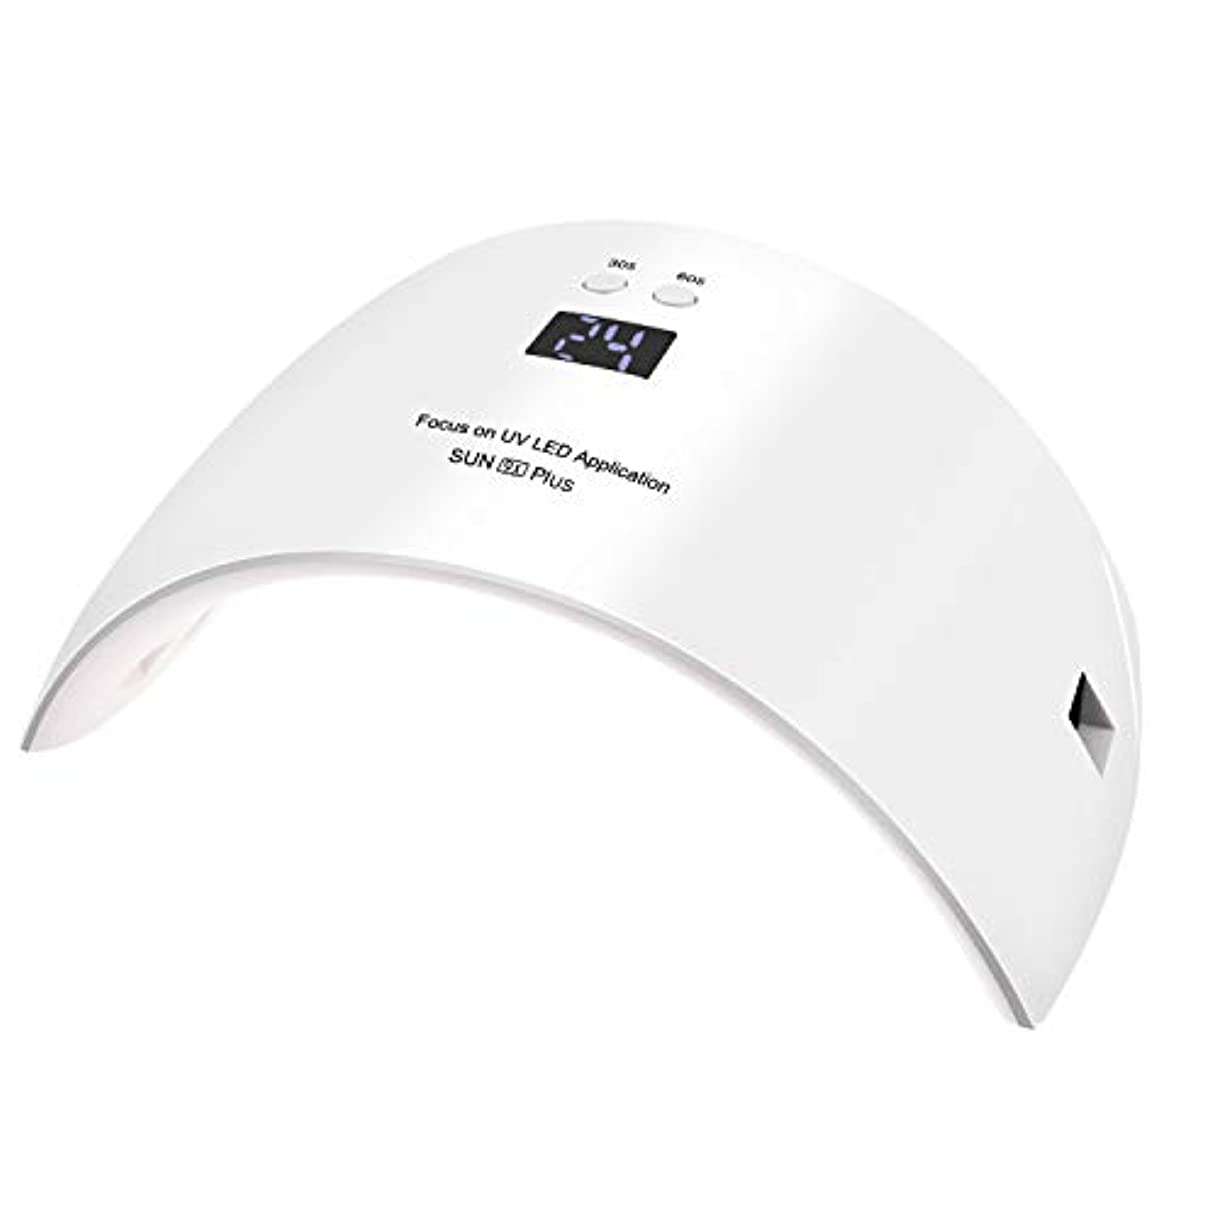 無視する器用重荷Heshare LED ネイルドライヤー 36W UVライト レジン用 UV ネイルライト 硬化用 セルフネイル タイマー機能 自動センサー機能 USB式 日本語説明書付き (36w)